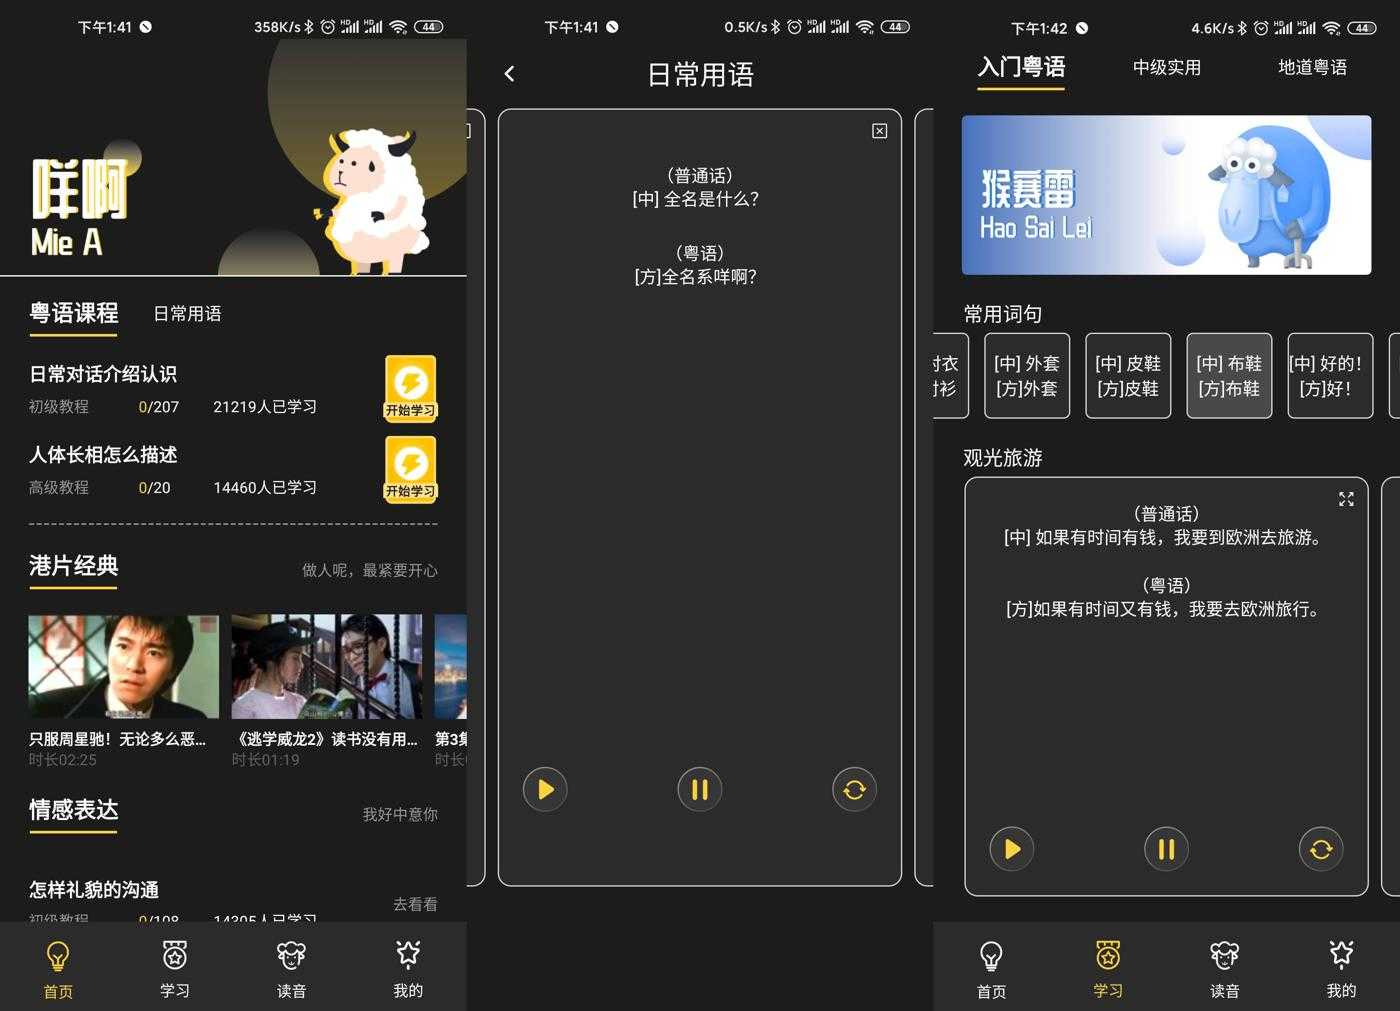 安卓粤语学习v1.0.7绿化版